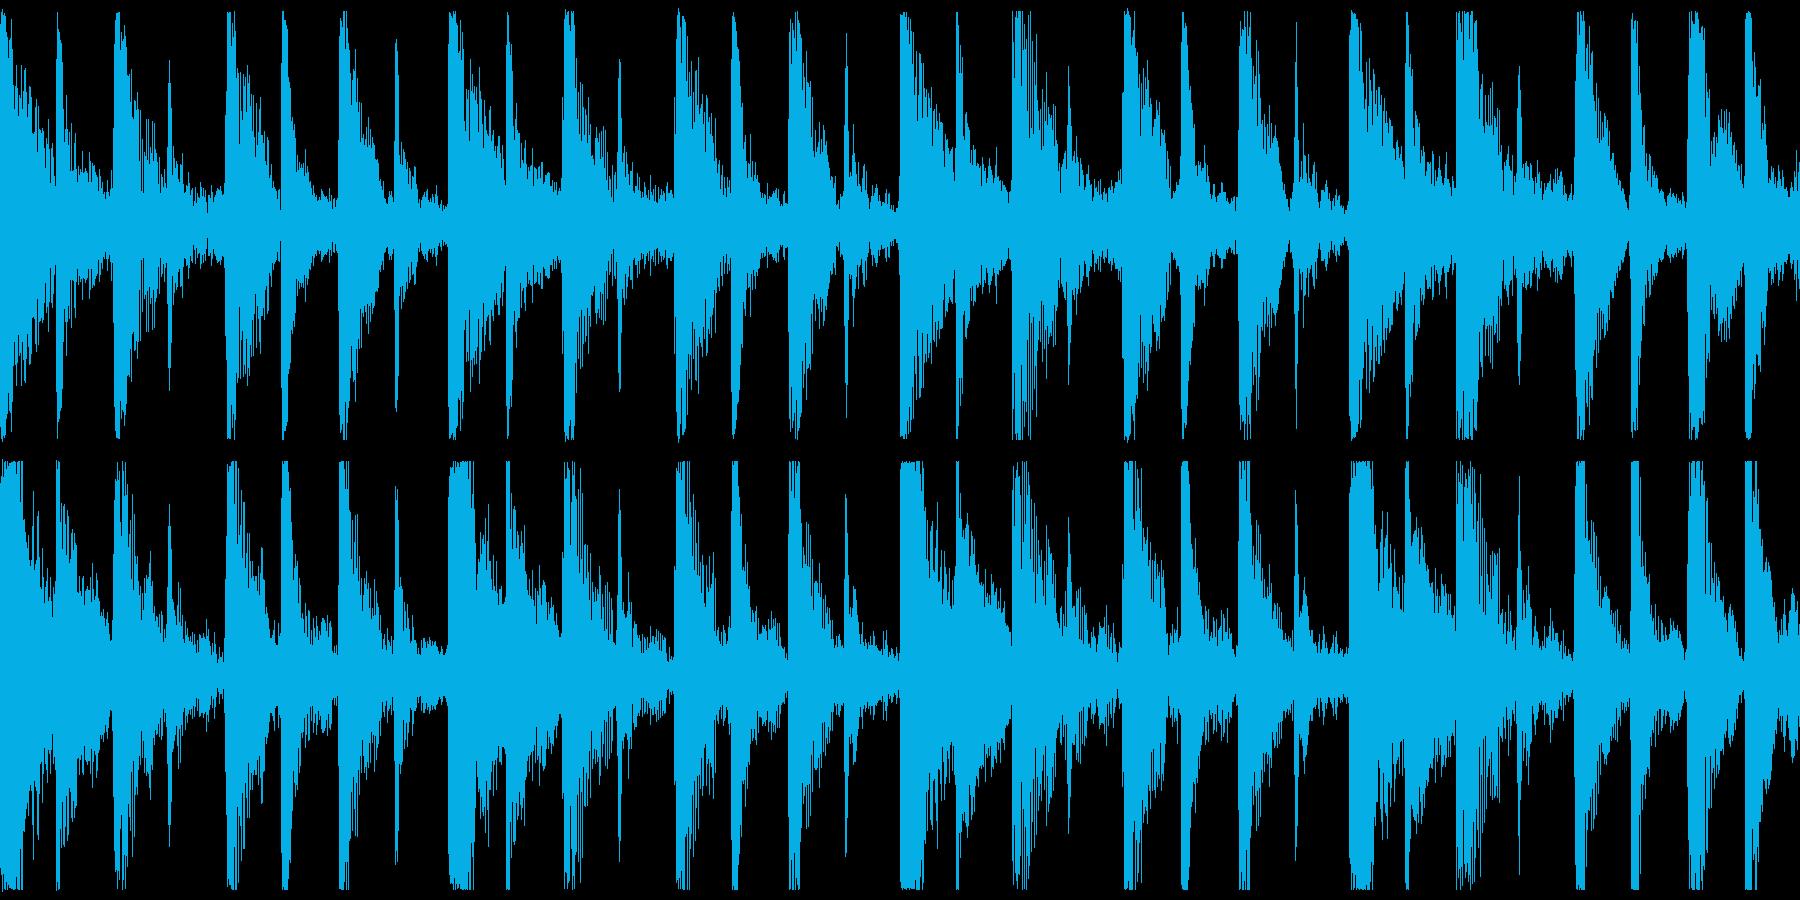 いたずら子供、ピチカート、ロゴ、ループ1の再生済みの波形